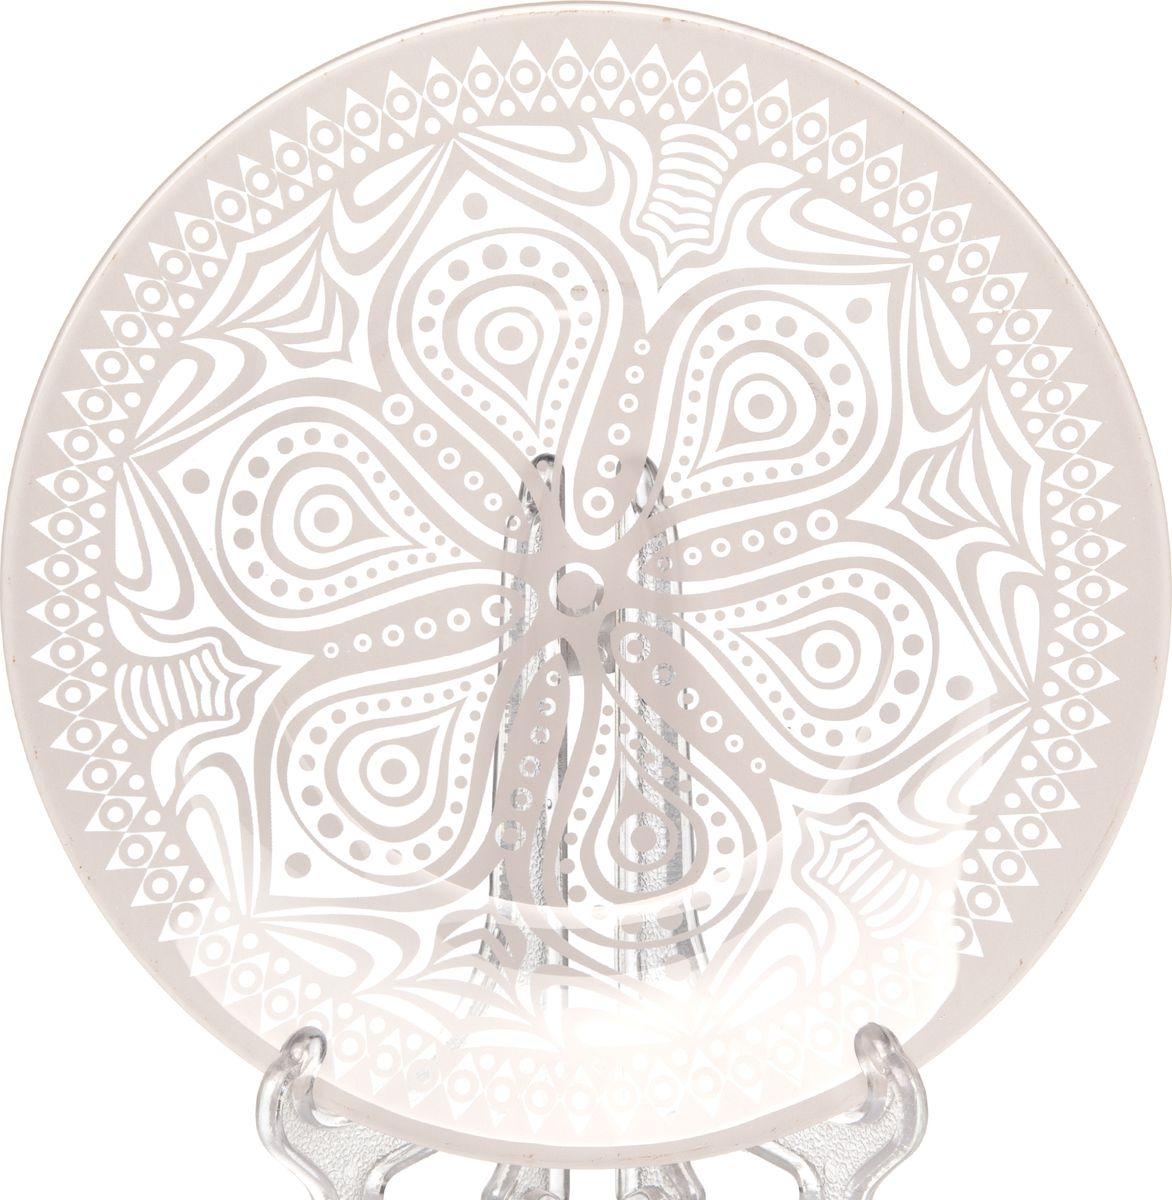 Тарелка Pasabahce БОХО, цвет: розовый, диаметр 19,5 см10327SLBD43Тарелка обеденная Pasabahce БОХО выполнена из качественного стекла.Изящная тарелка прекрасно оформит праздничный стол и порадует вас и ваших гостей изысканным дизайном и формой.